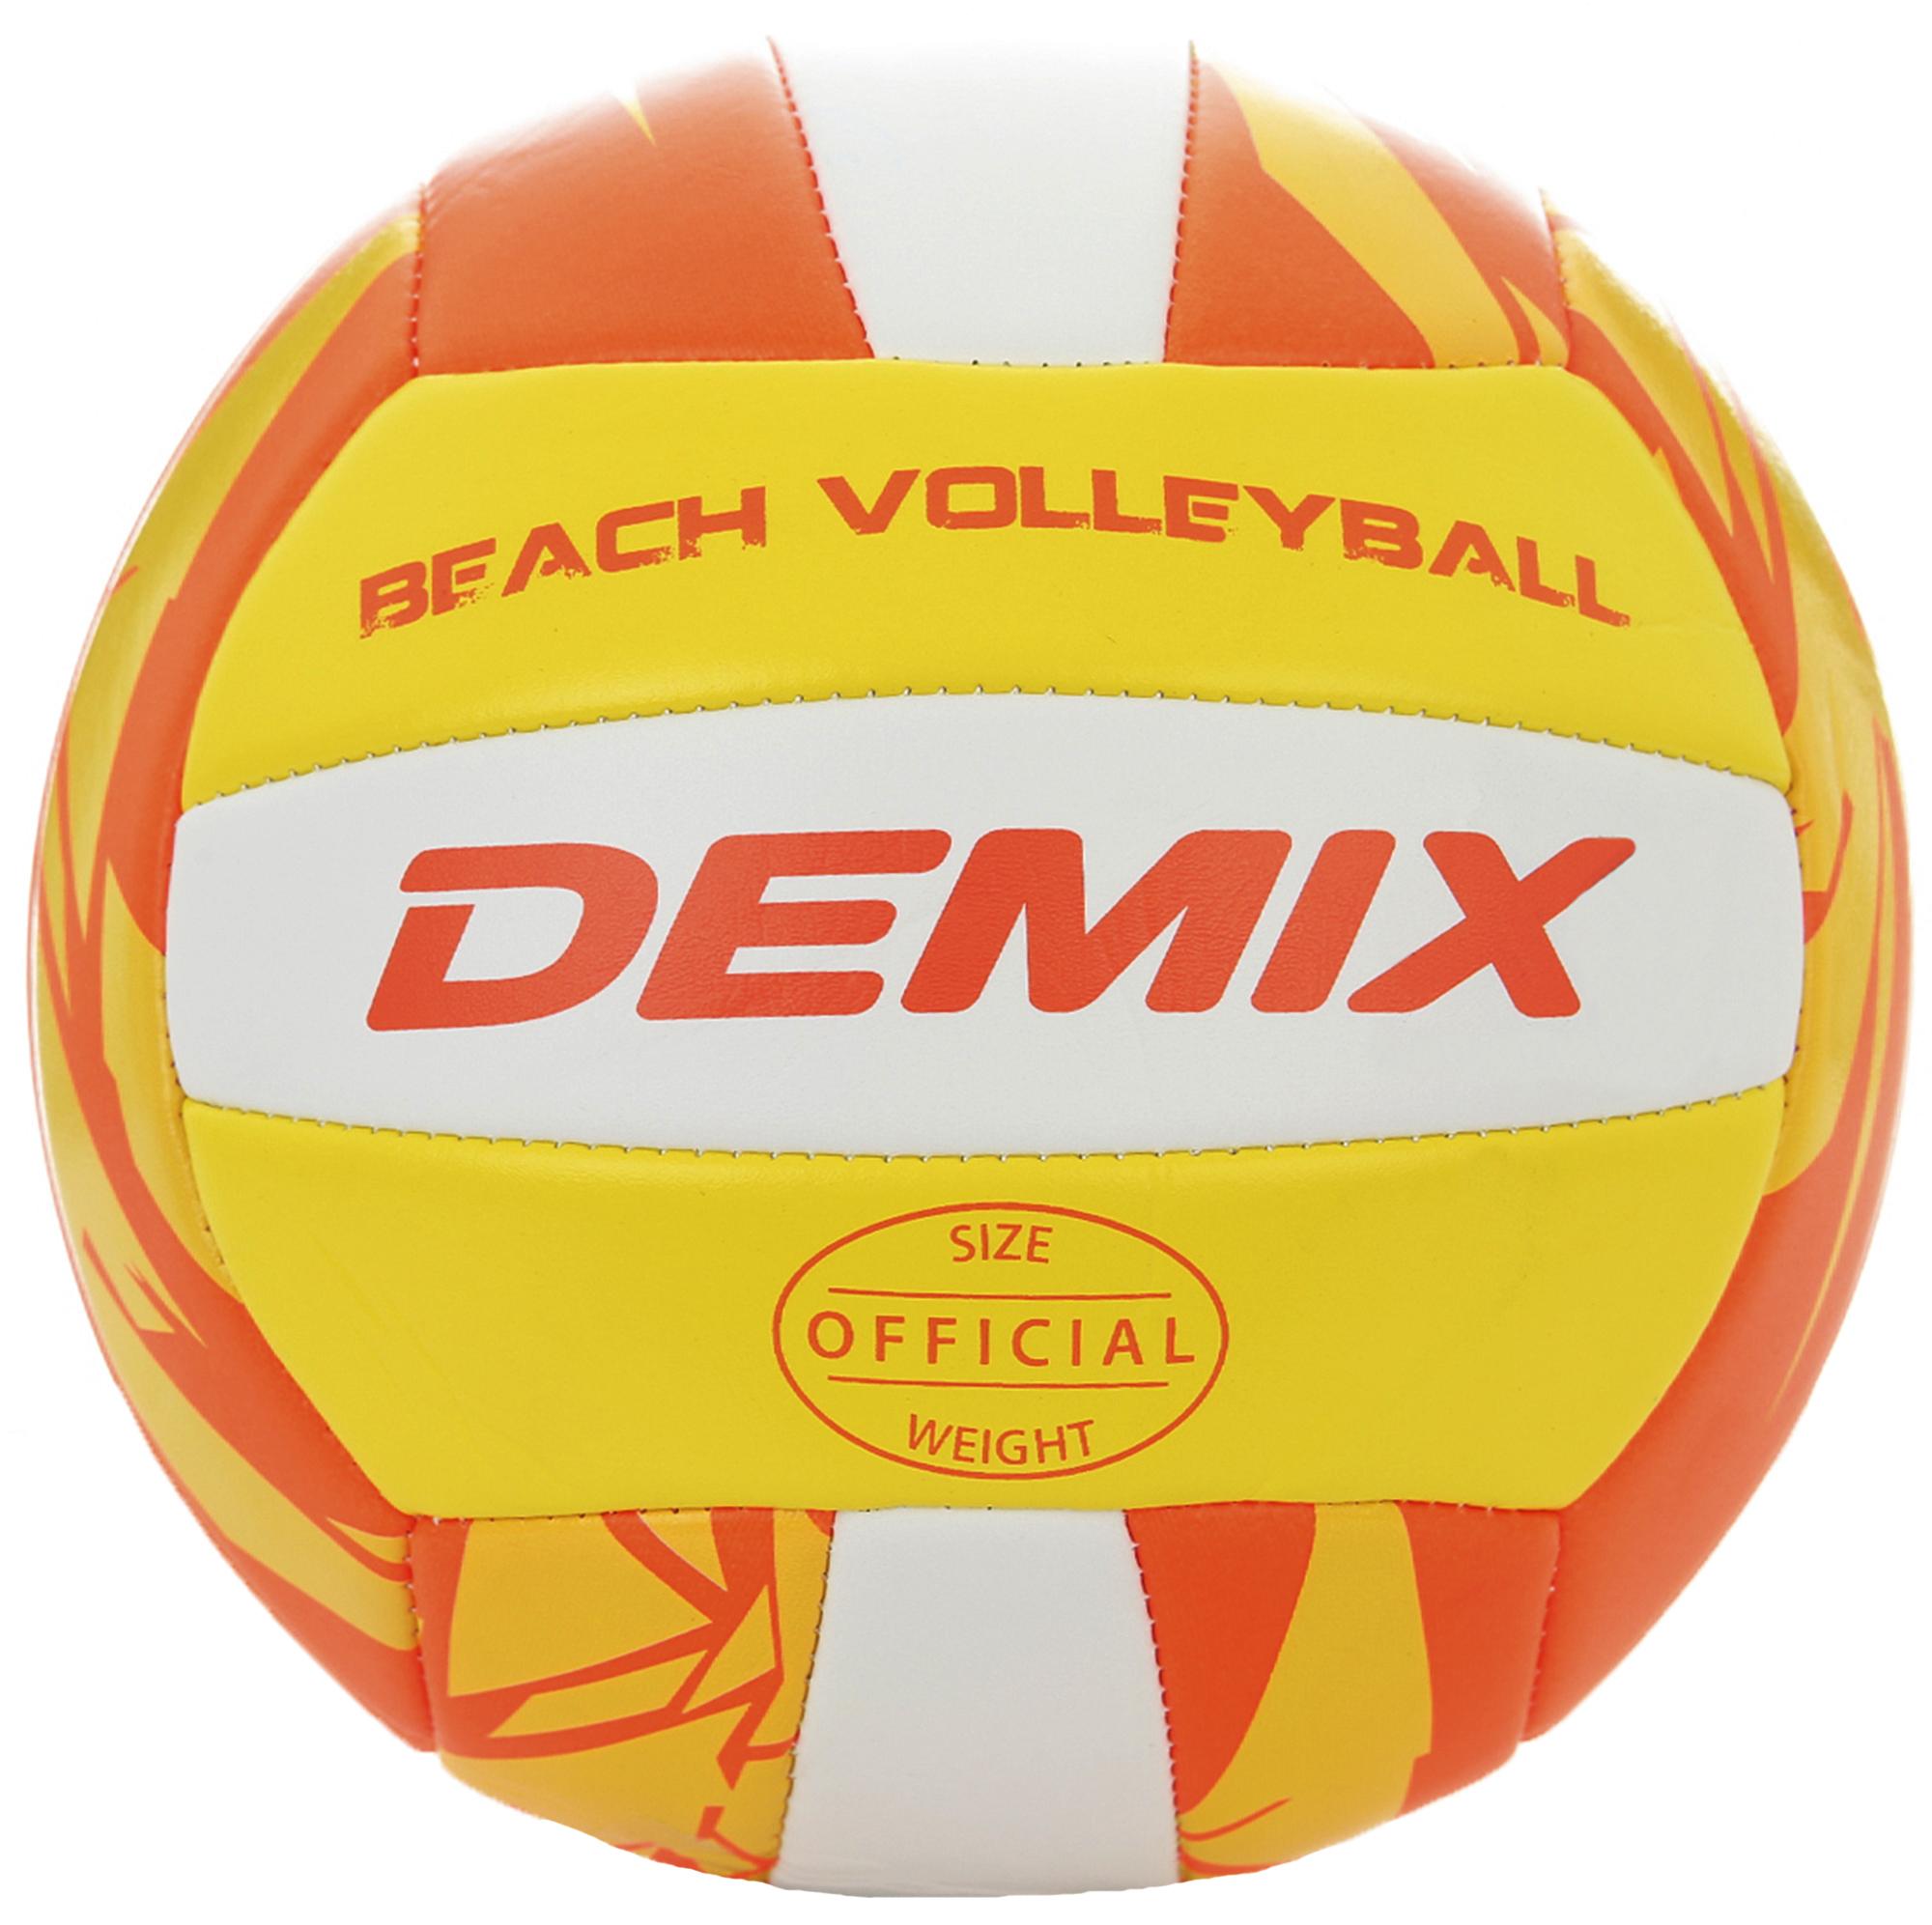 Demix Мяч волейбольный Demix мяч волейбольный atemi space бел желт син